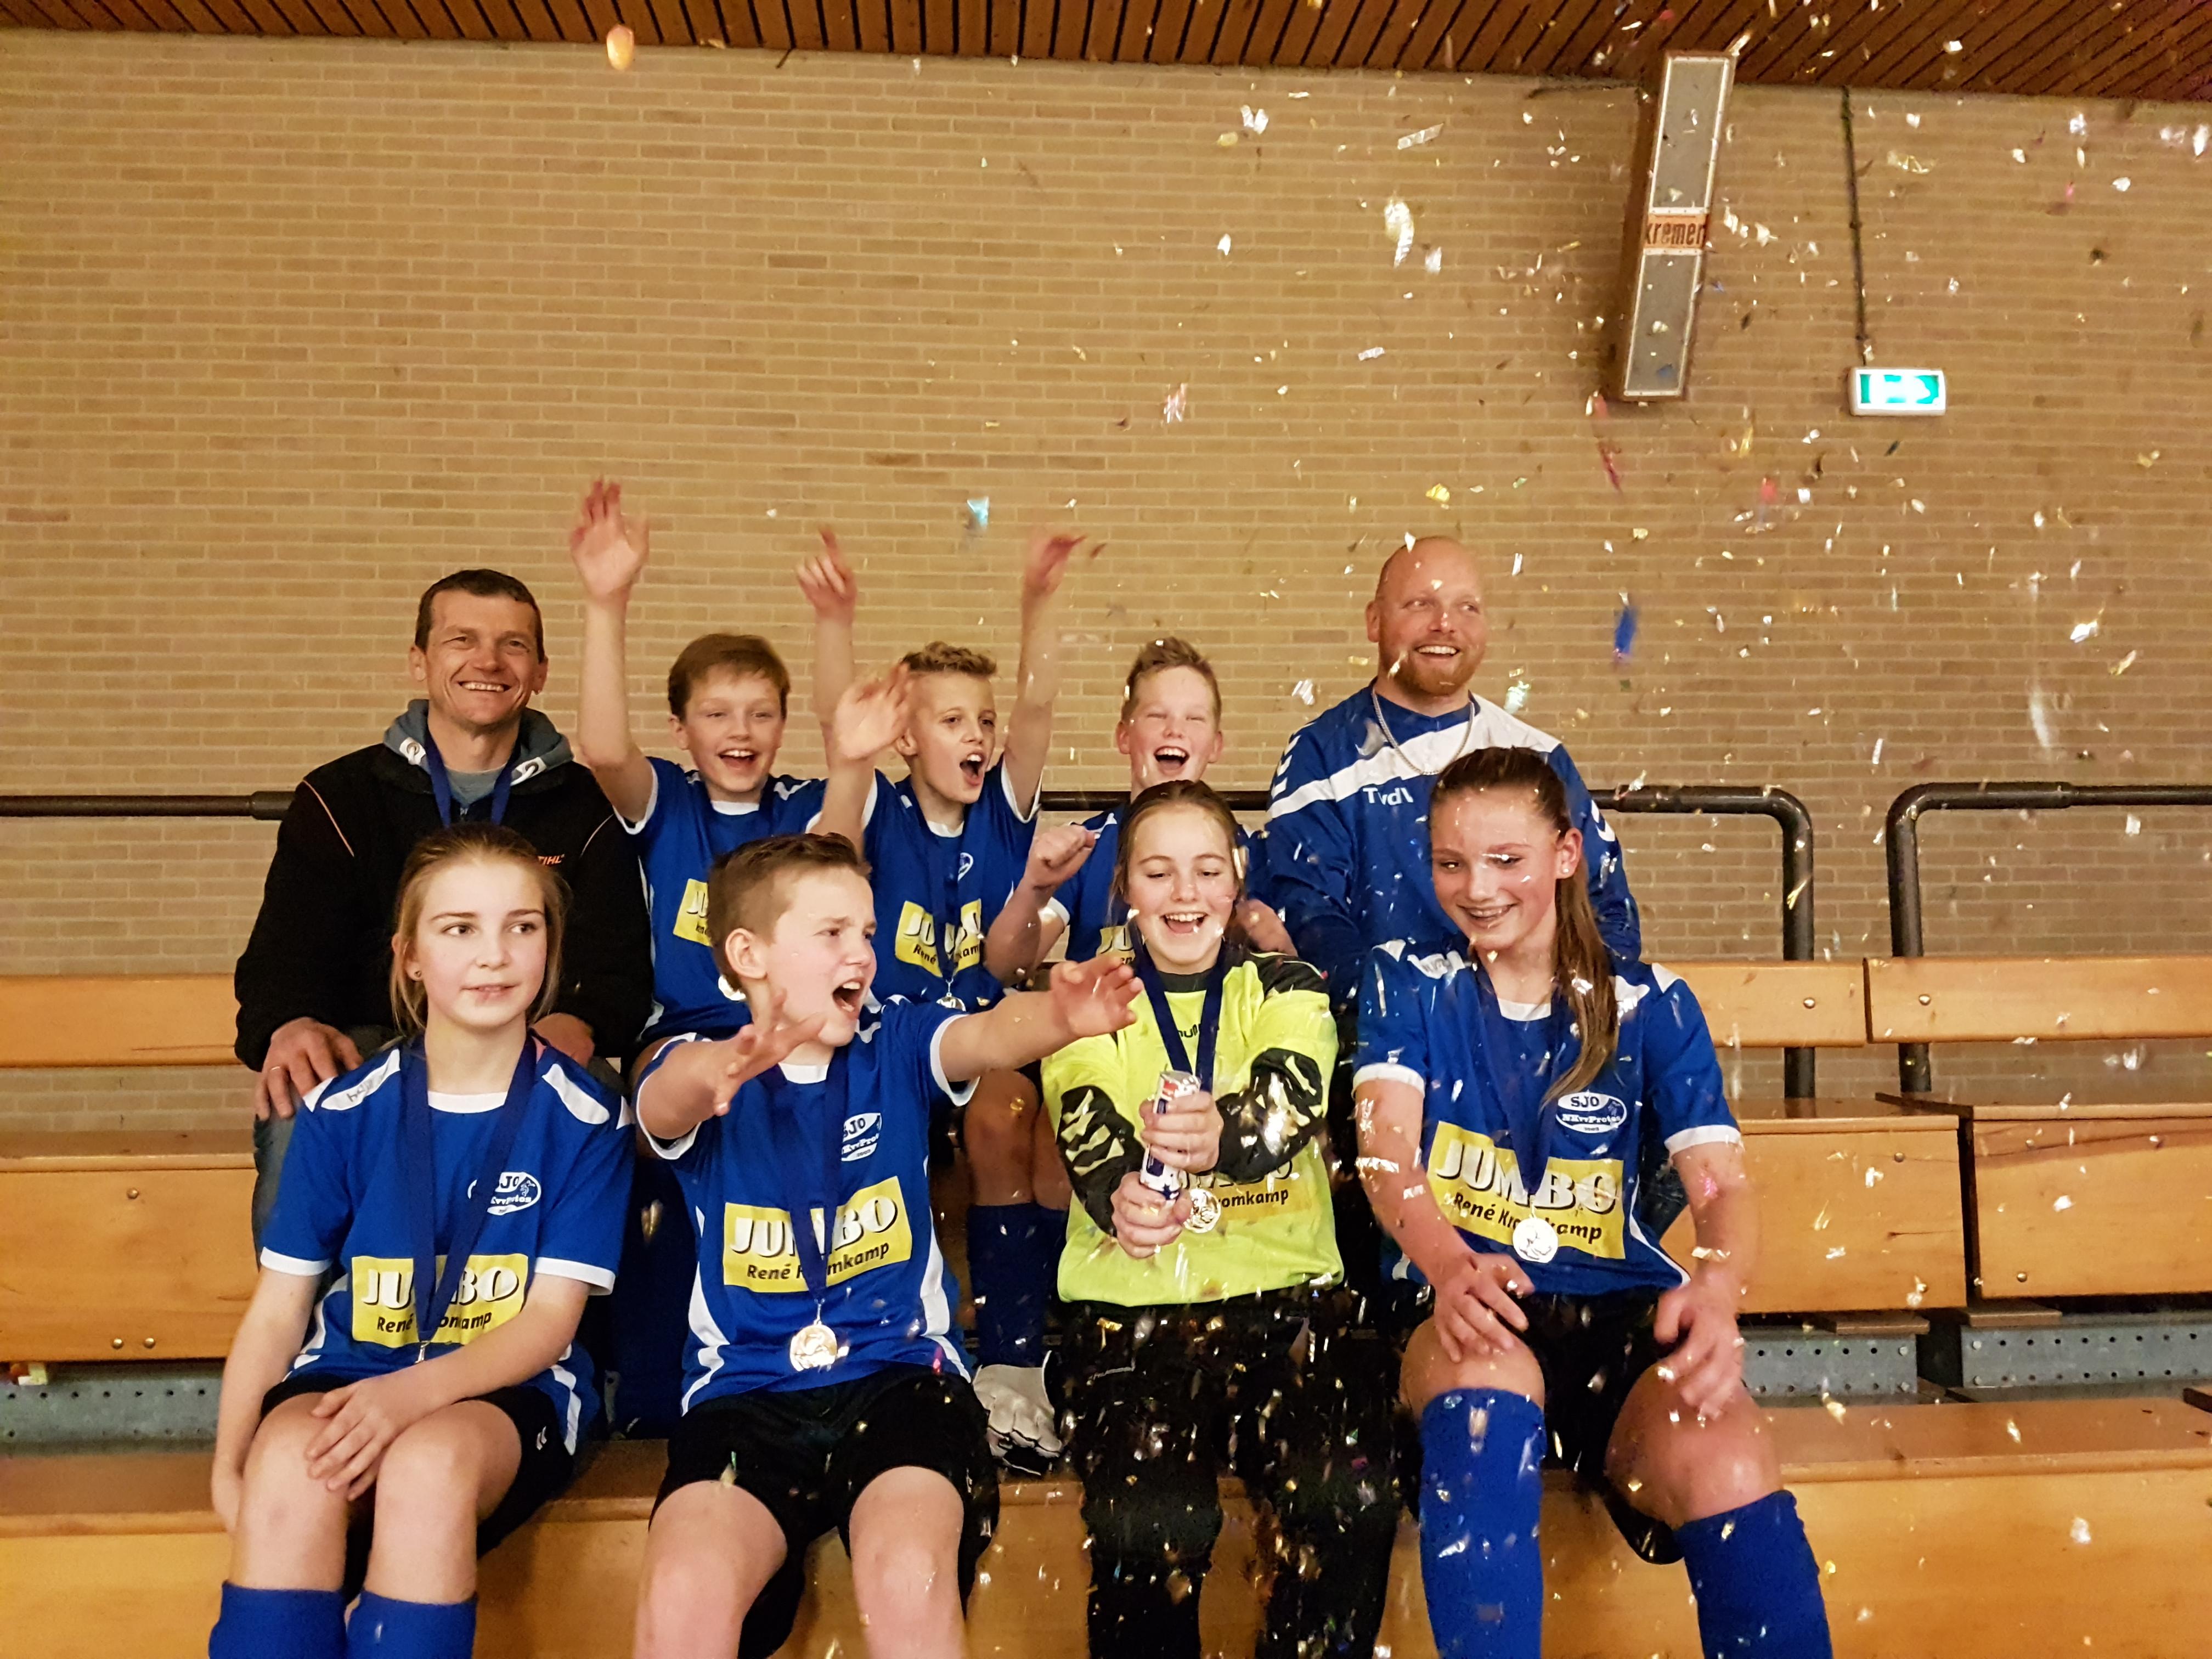 JO13-1 Kampioen zaal (14)